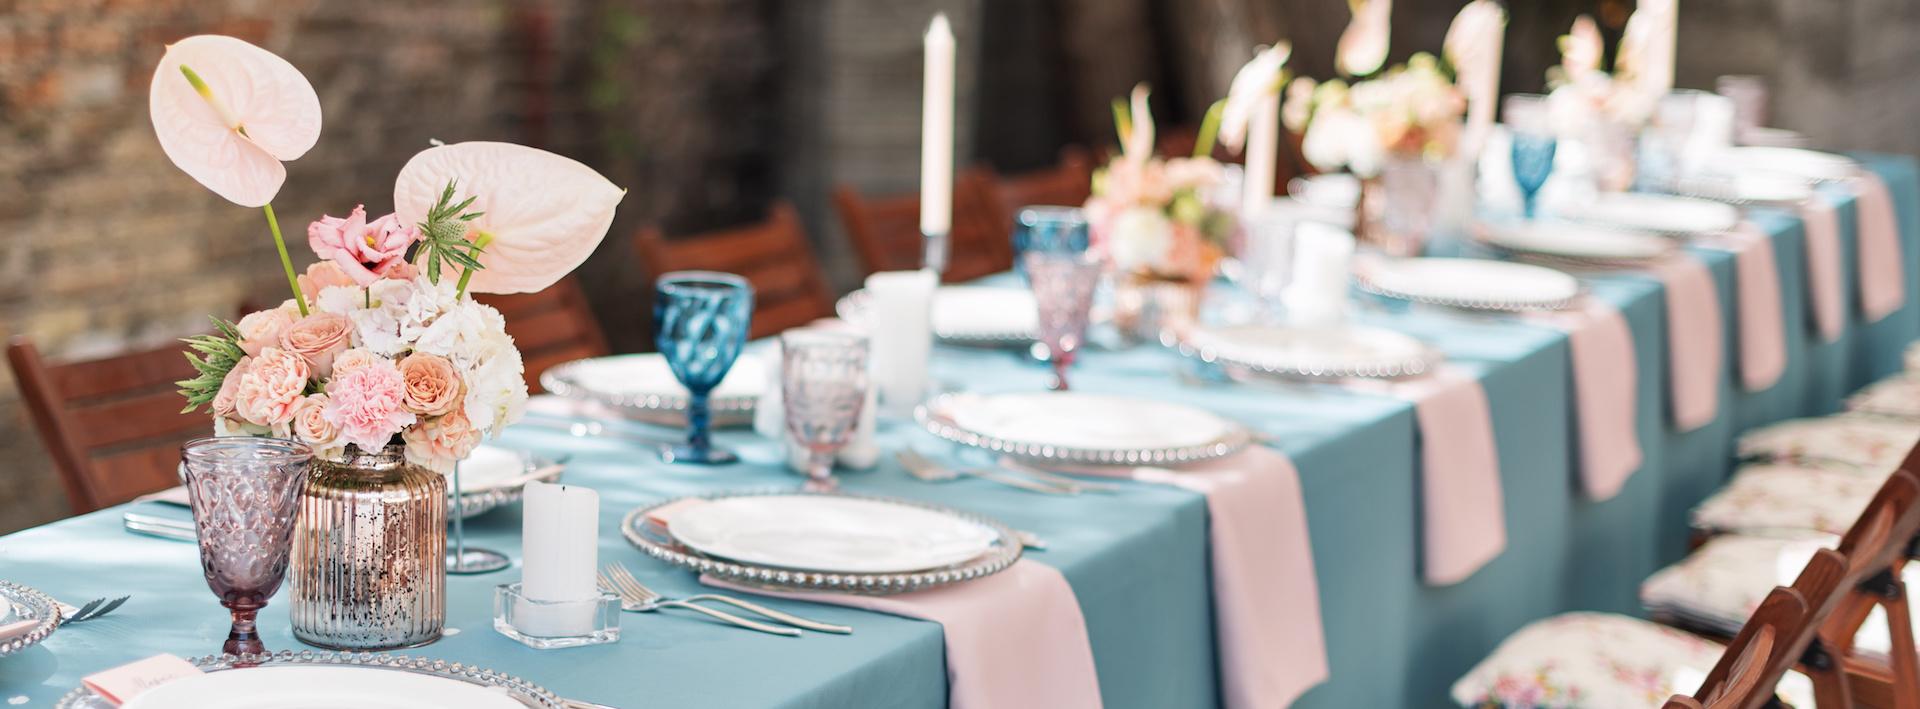 5 ideas for wedding